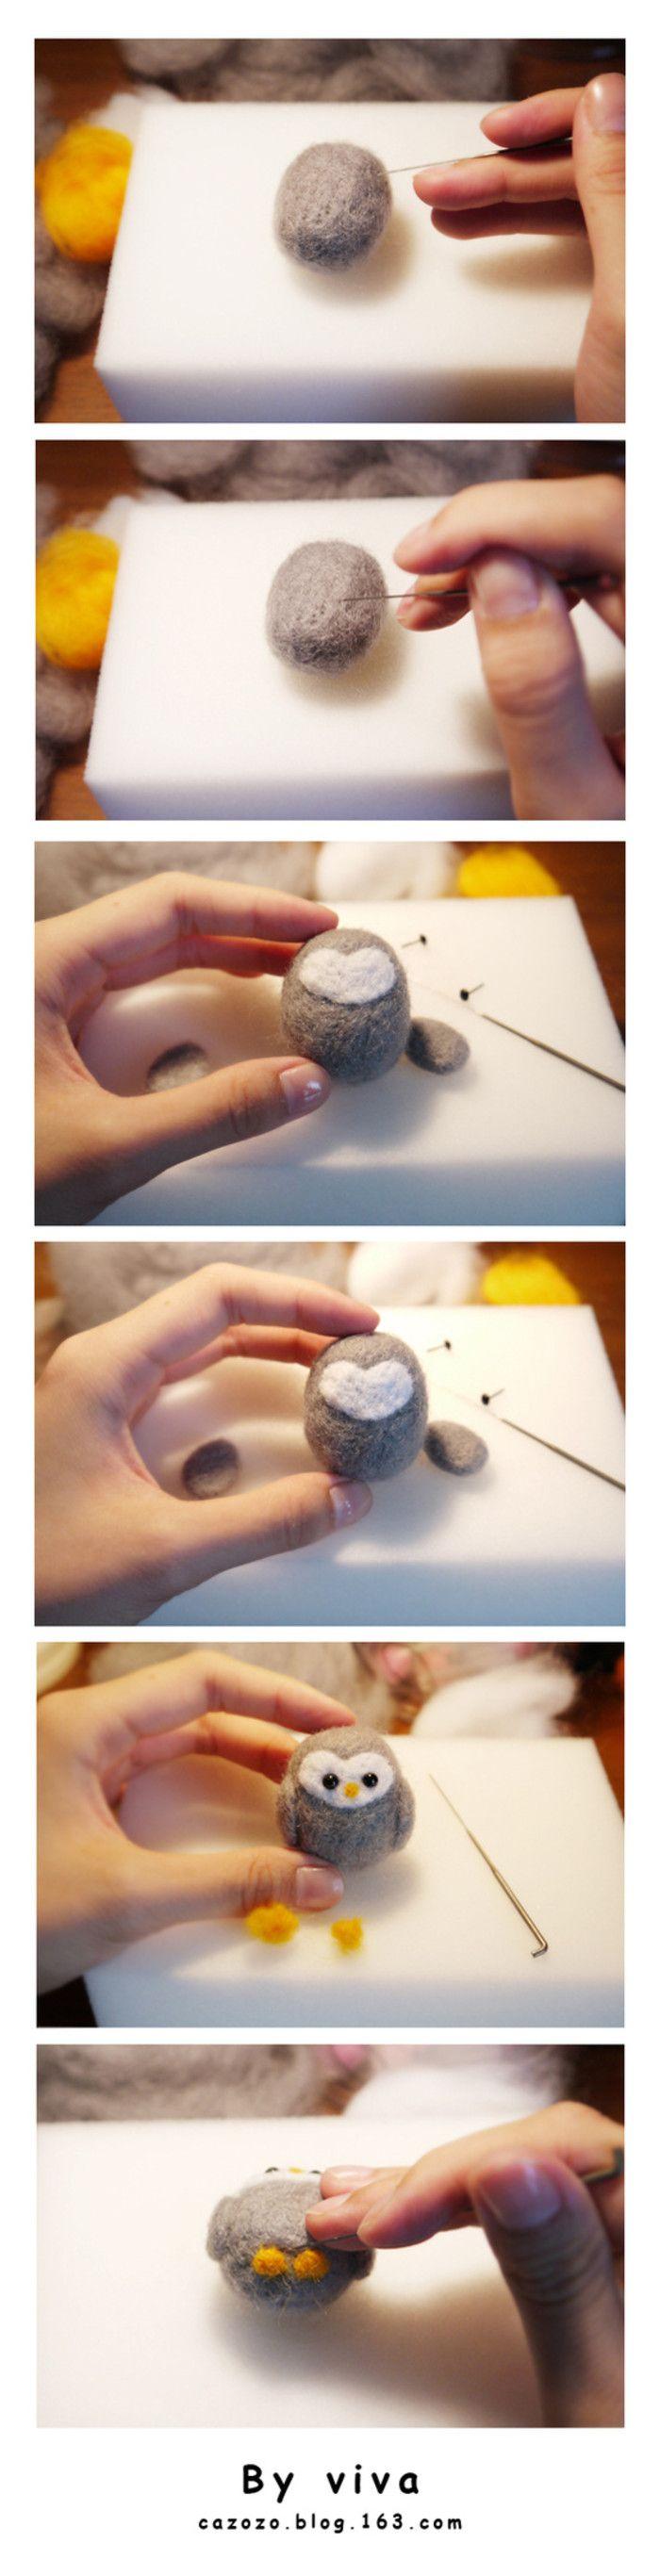 兔小贩——...来自兔小贩的图片分享-堆糖